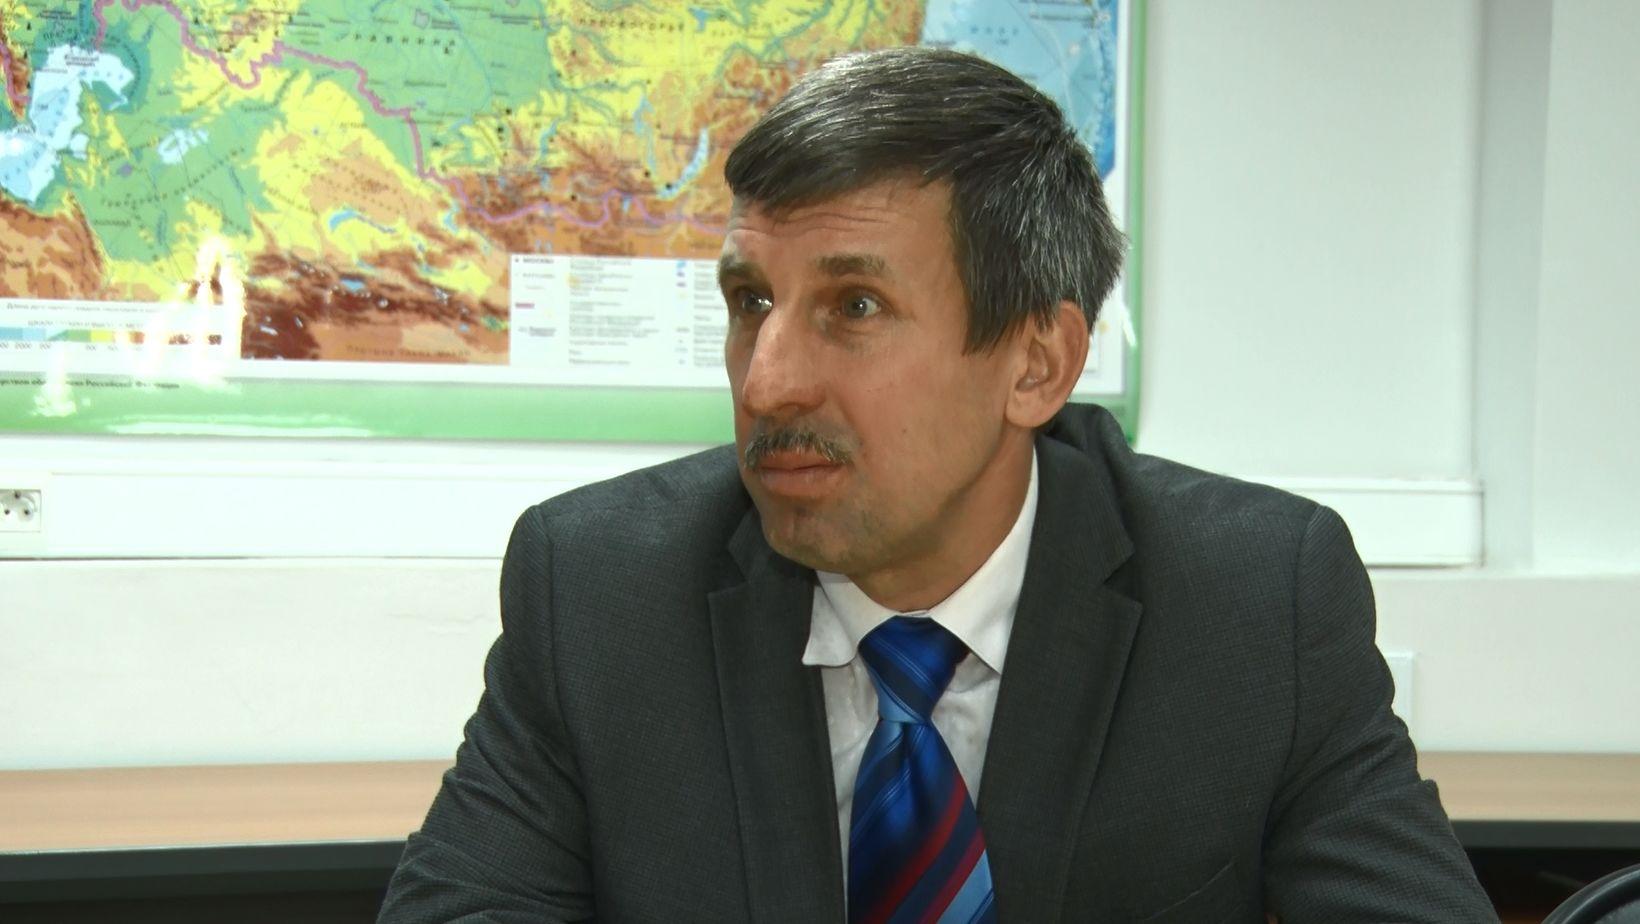 Историк Андрей Данилов рассказал о трагедии «красного террора» в судьбе Ярославля